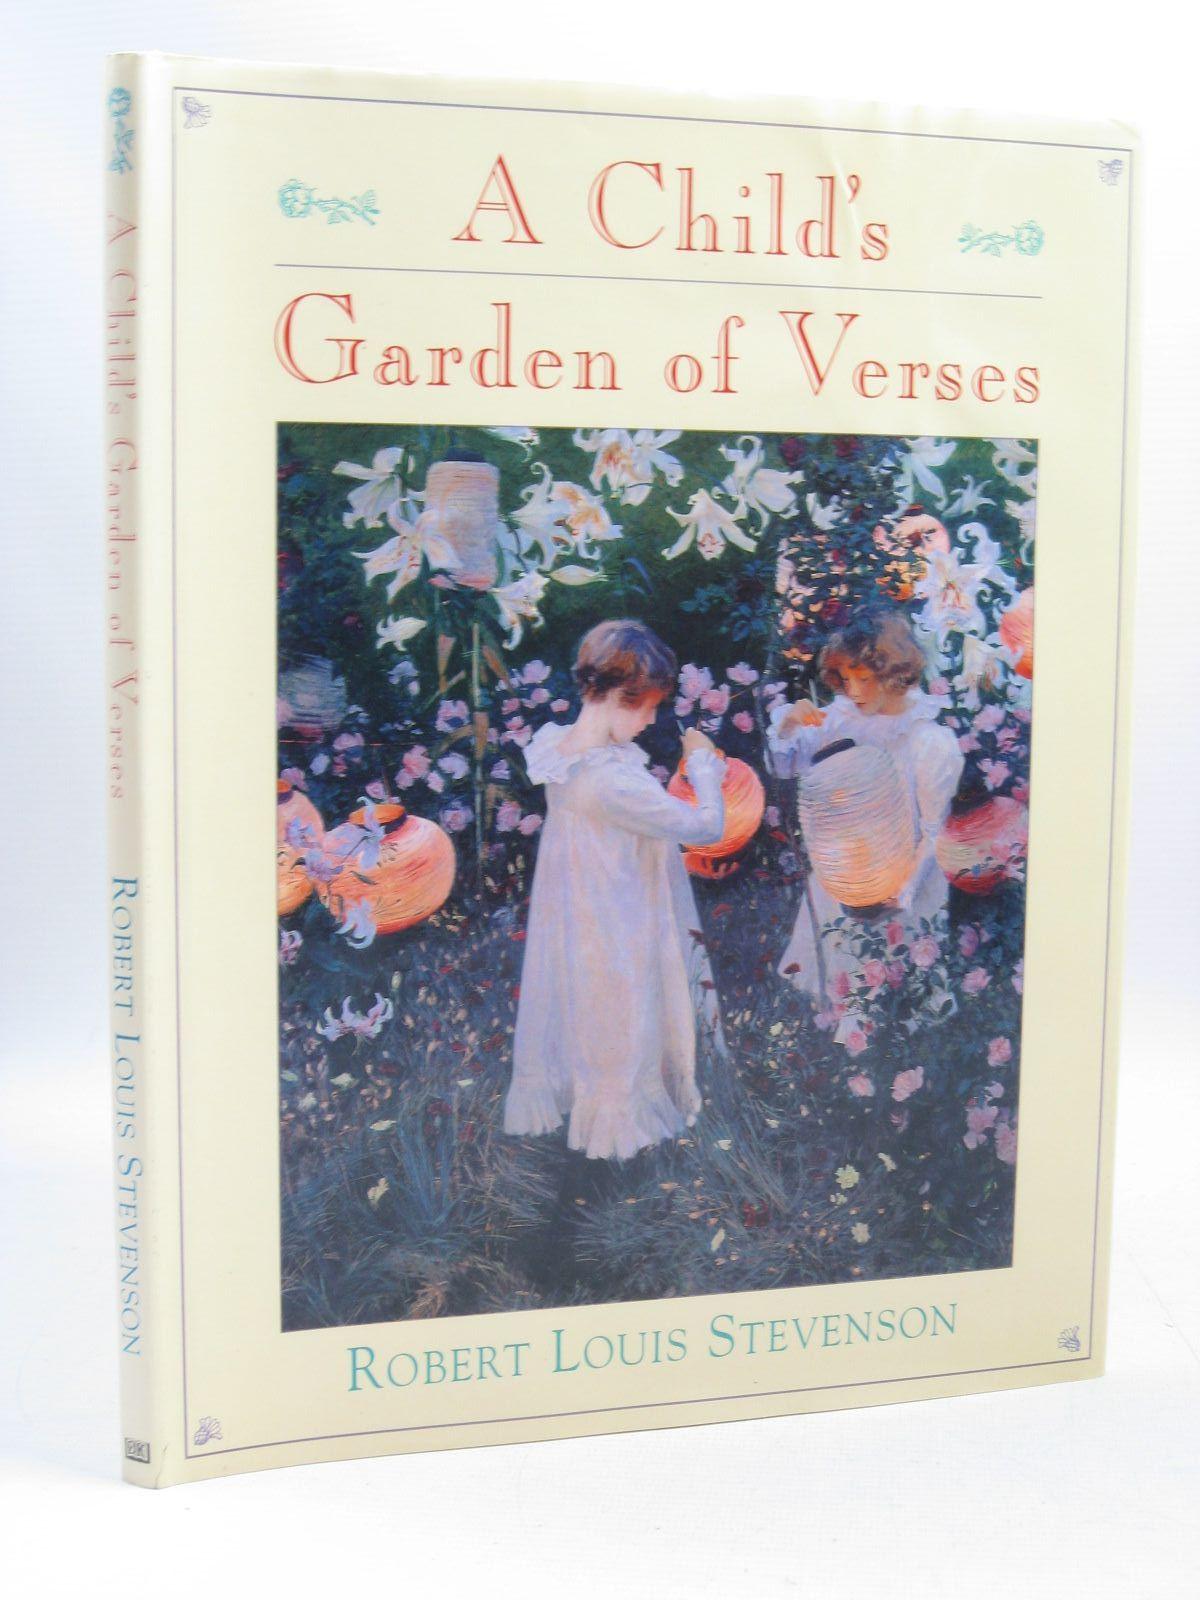 A Child 39 S Garden Of Verses Written By Stevenson Robert Louis Stock Code 1501241 Stella